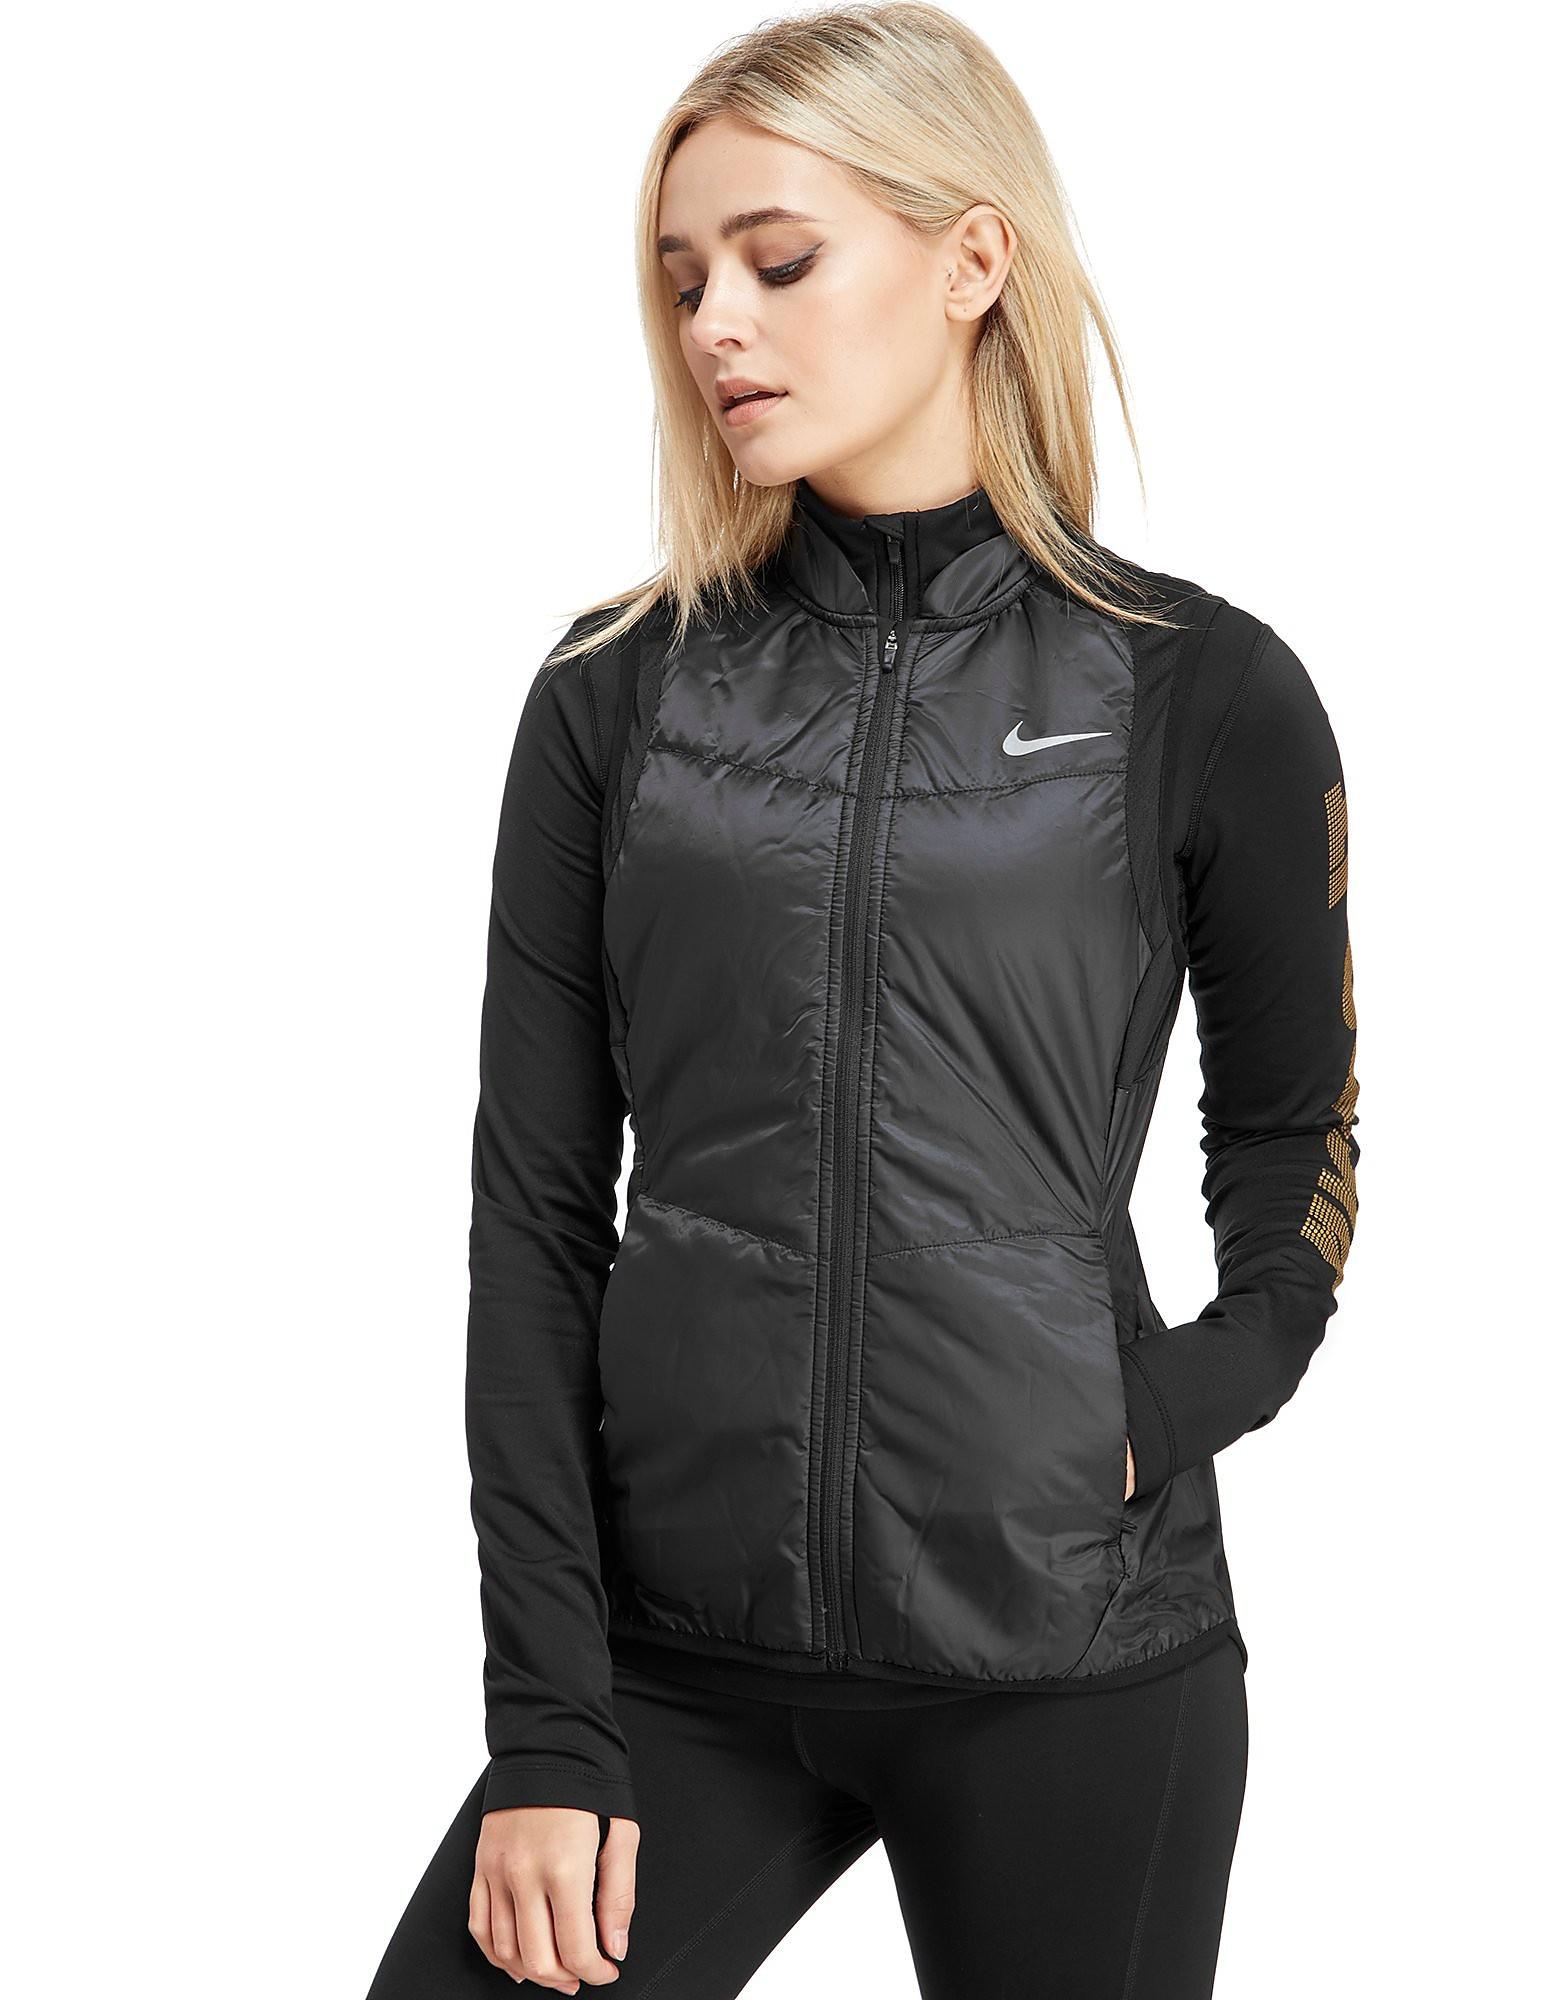 Nike Polyfill Weste